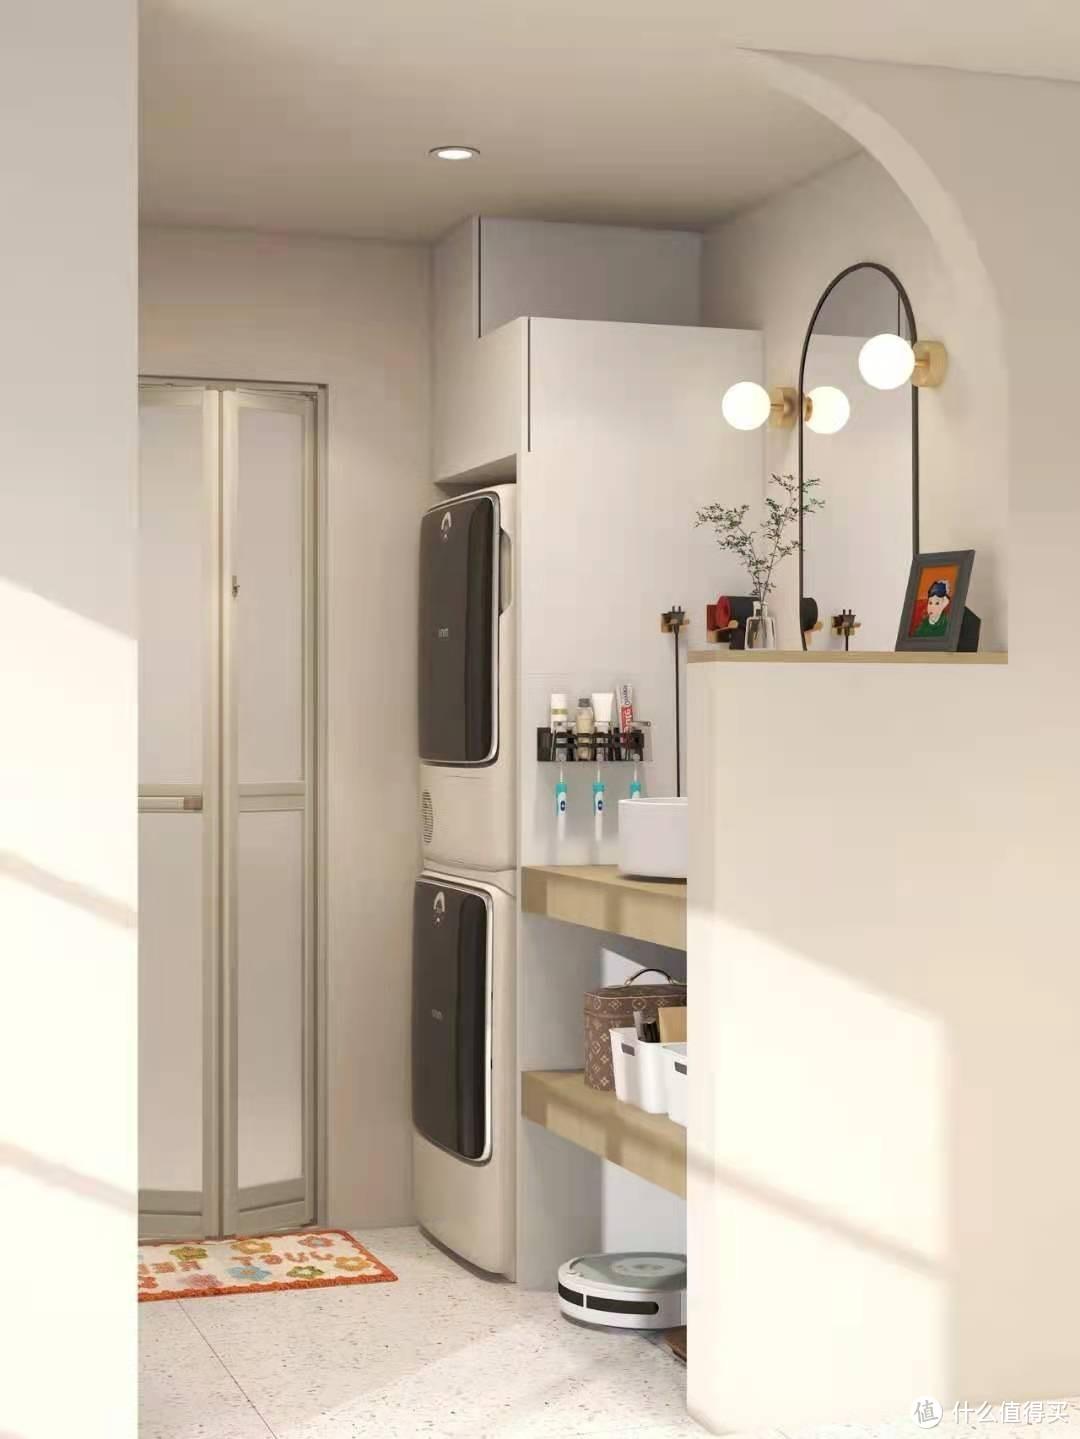 干区外移✨放下洗衣机,壁挂智能马桶颜值绝!